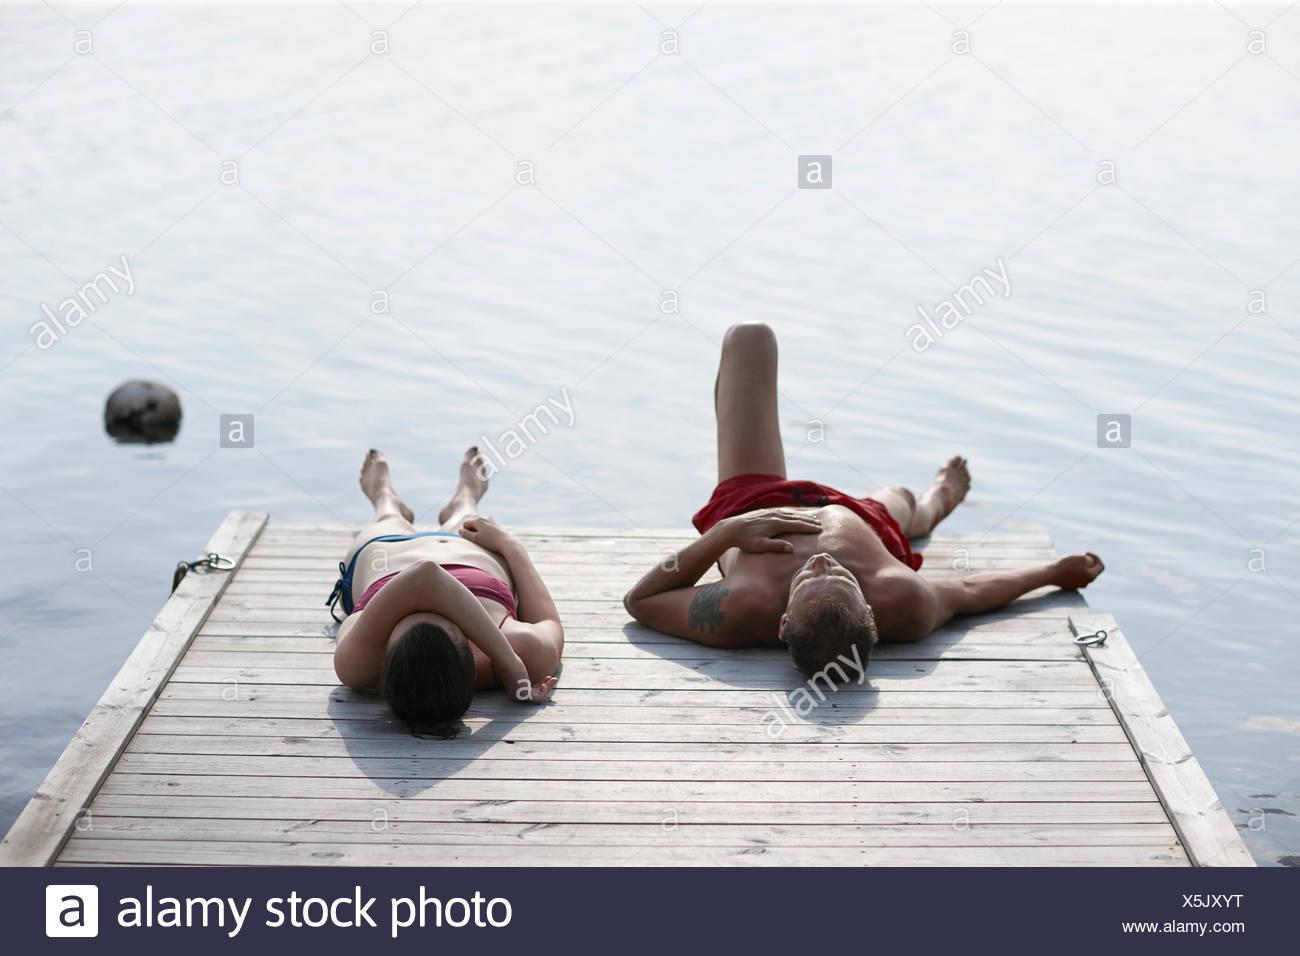 Suecia, Dalarna Siljan, hombre y mujer acostada sobre jetty Imagen De Stock